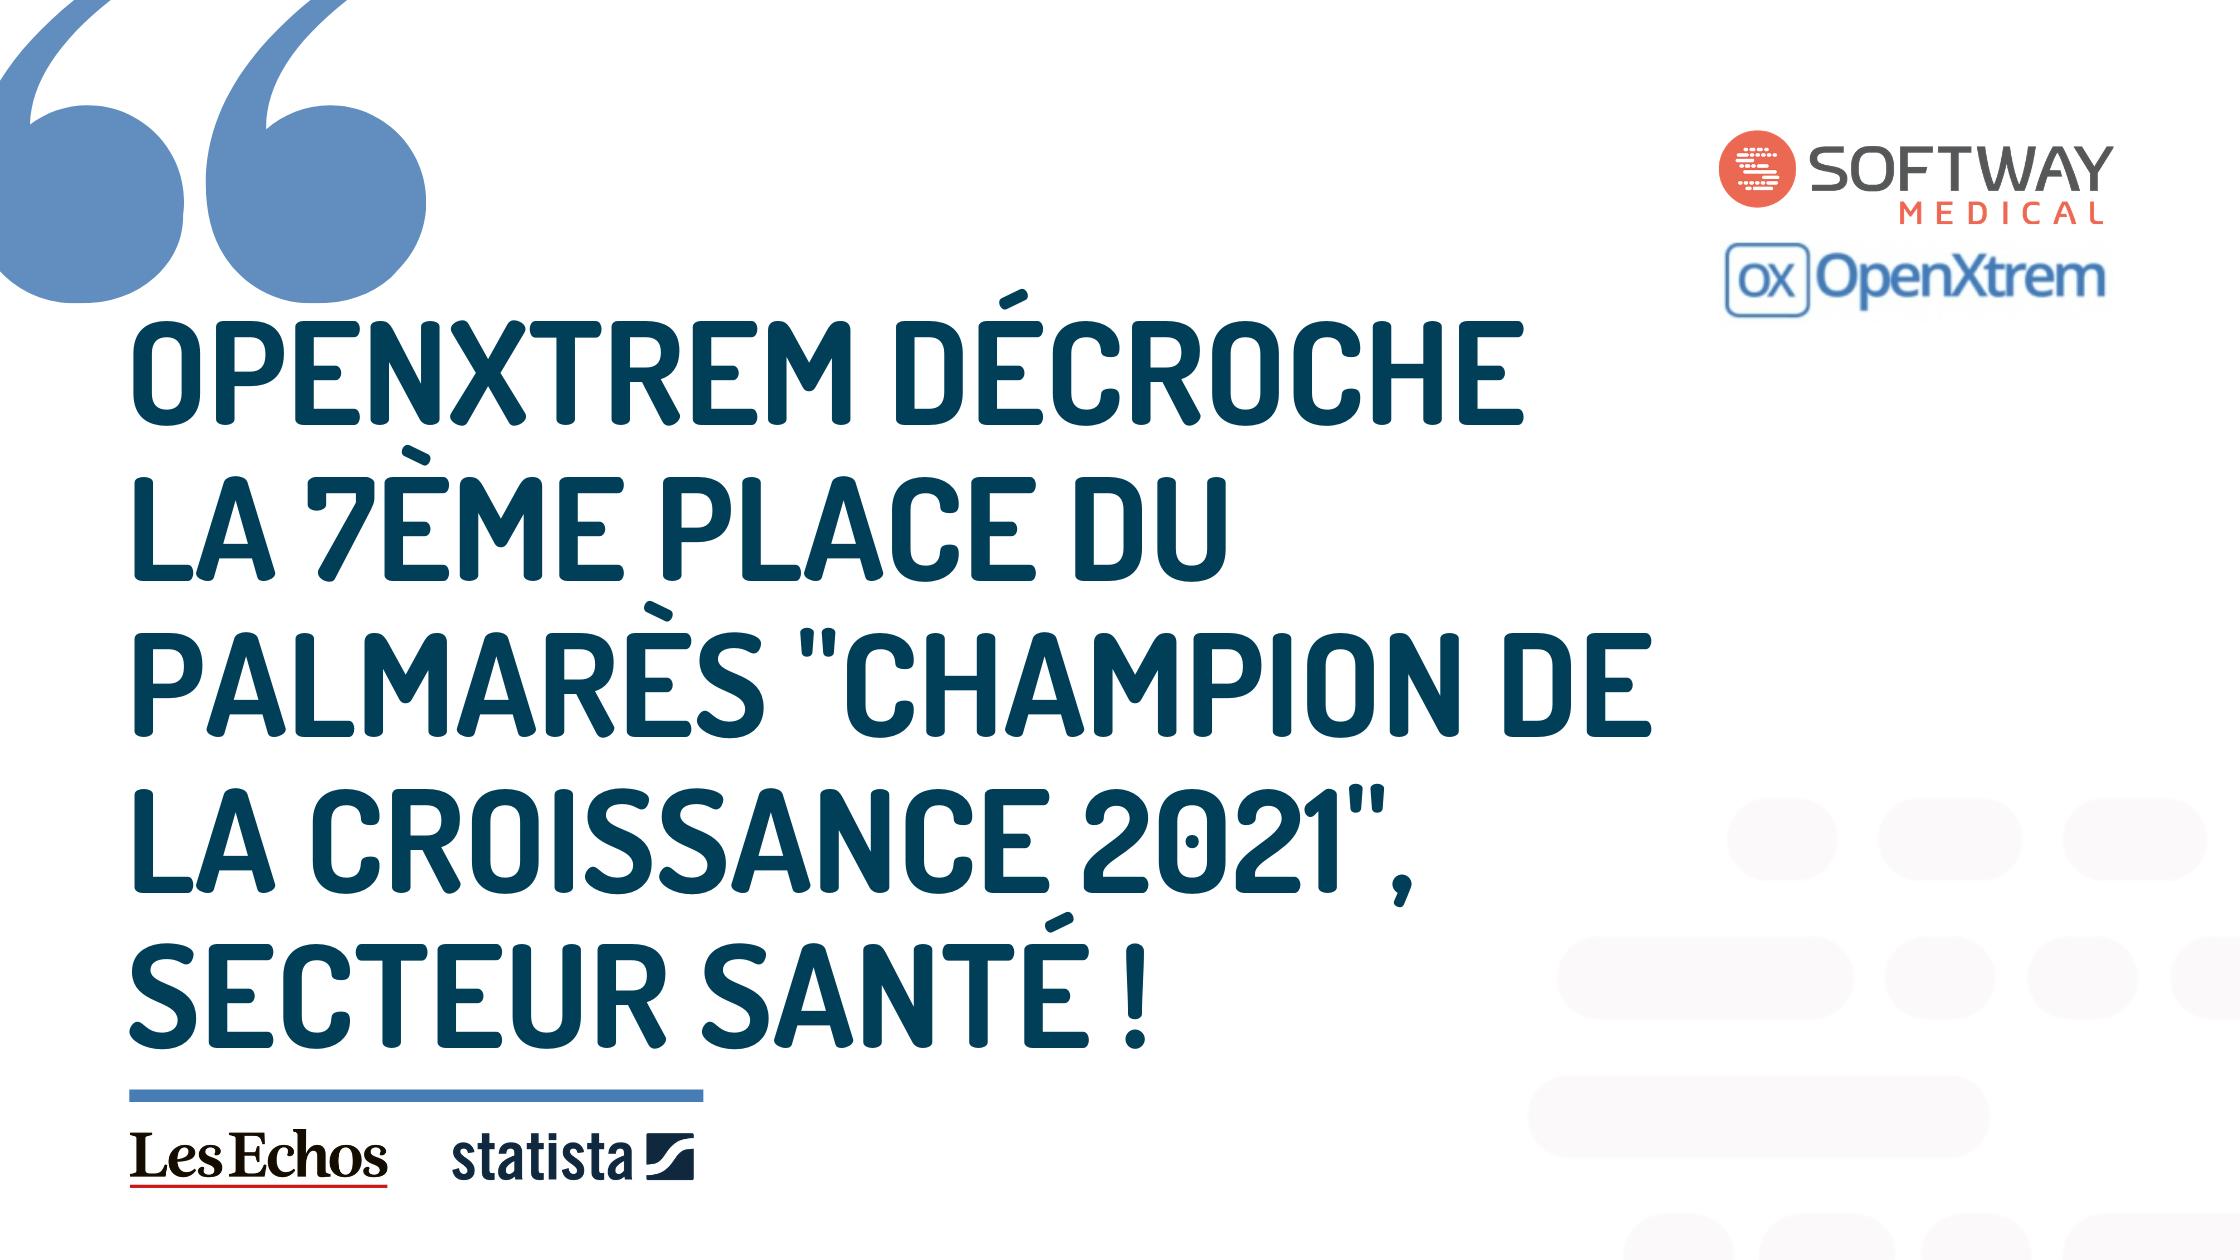 Openxtrem, filiale du Groupe Softway Medical, décroche la 7ème place du palmarès «Champion de la croissance 2021», secteur santé !